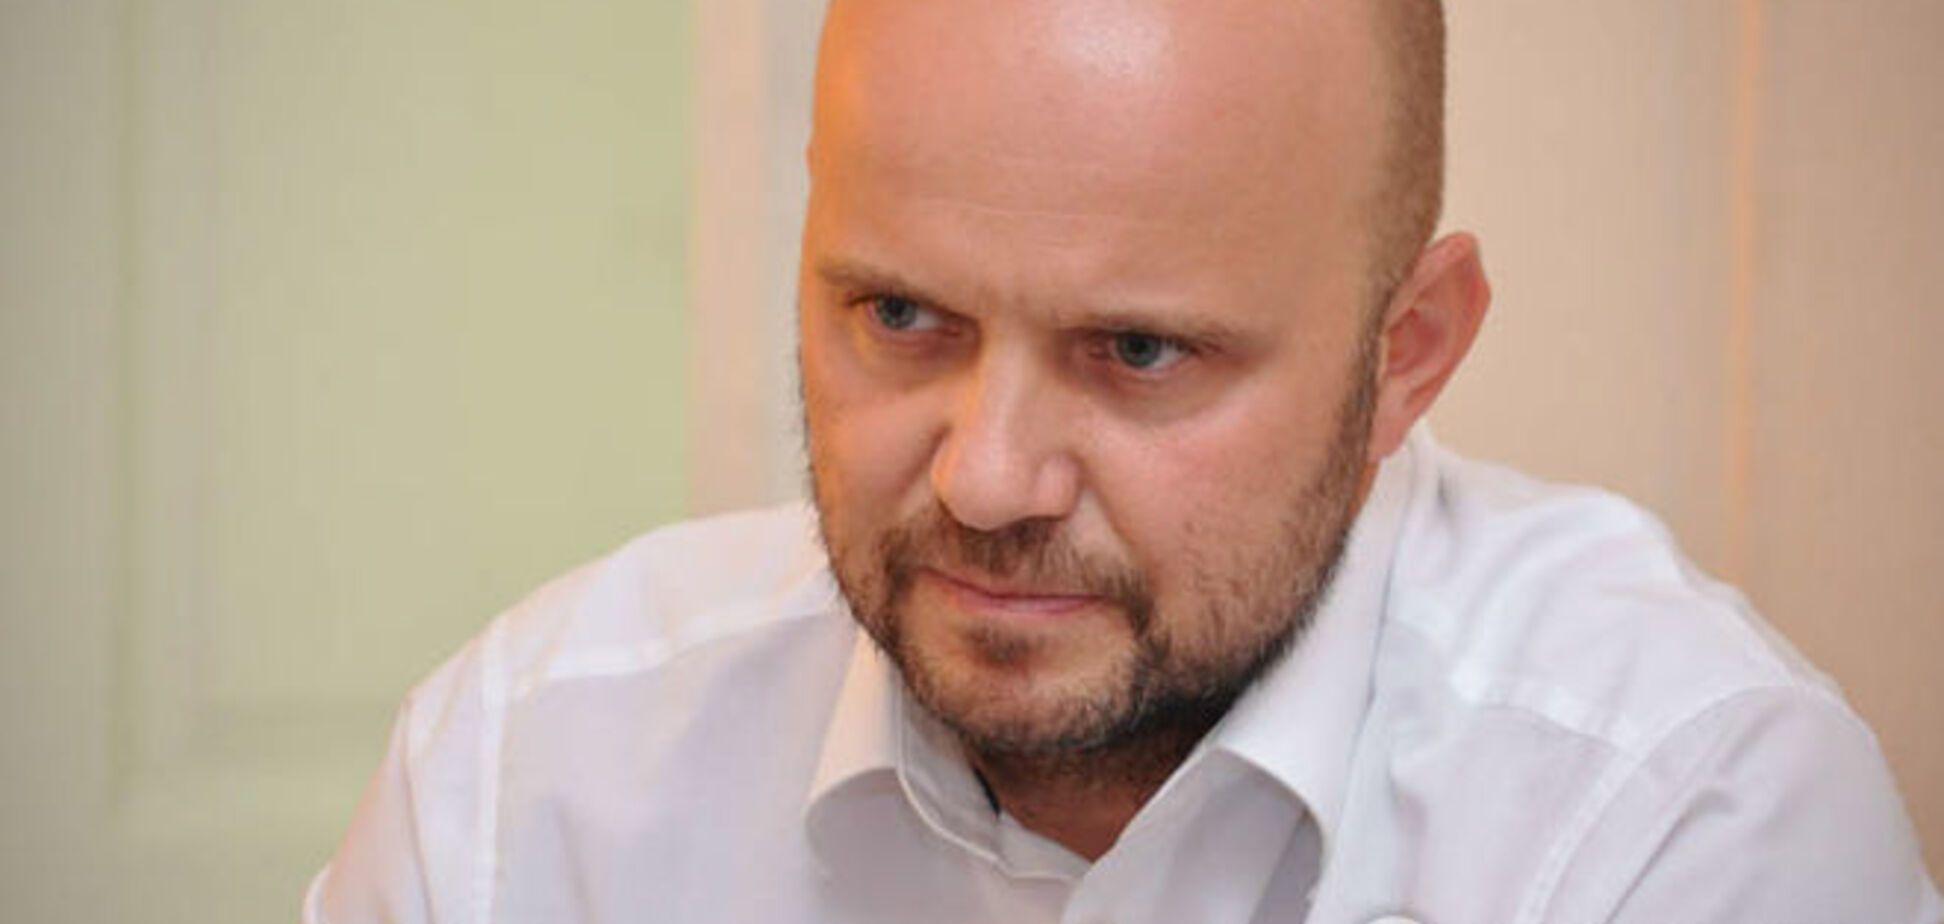 Юрий Тандит: украинских военных удерживают в российском плену